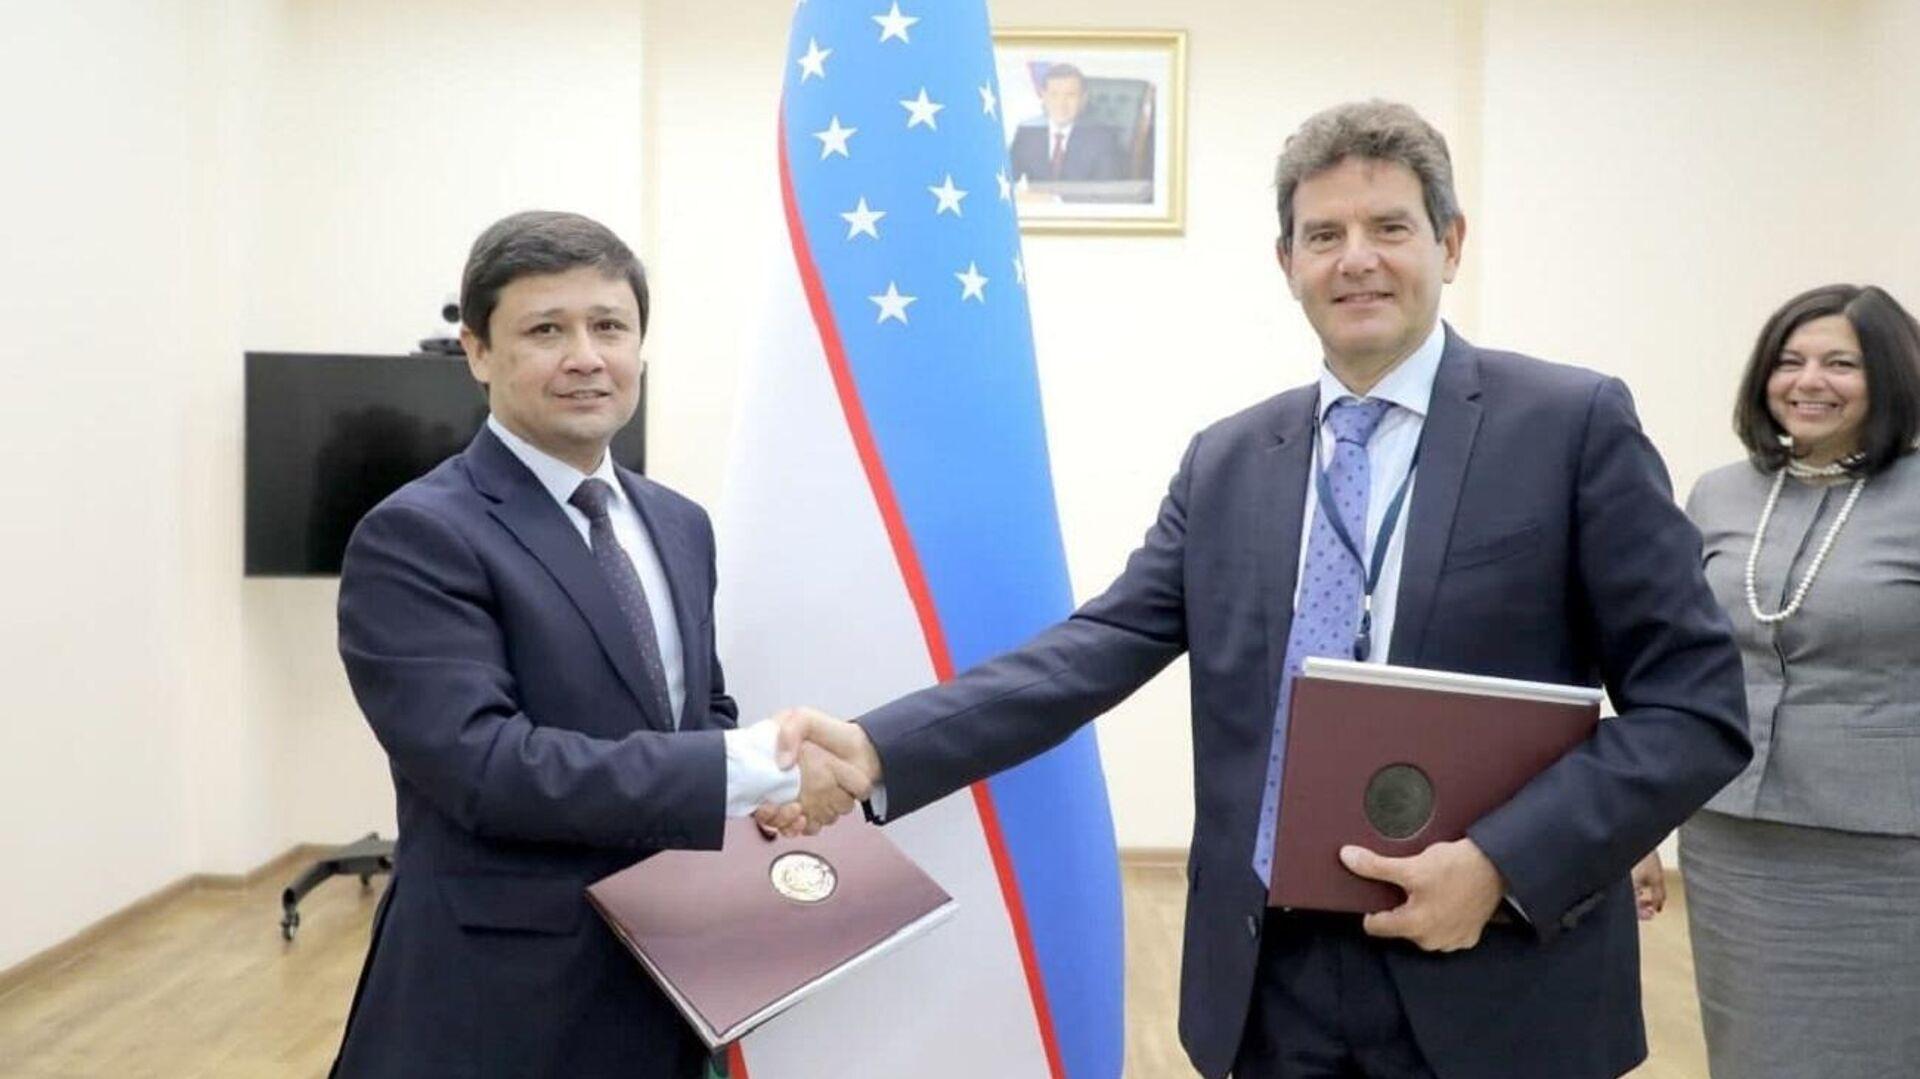 Узбекистан впервые получит корпоративный кредит без госгарантии для энергопроекта - Sputnik Ўзбекистон, 1920, 11.10.2021